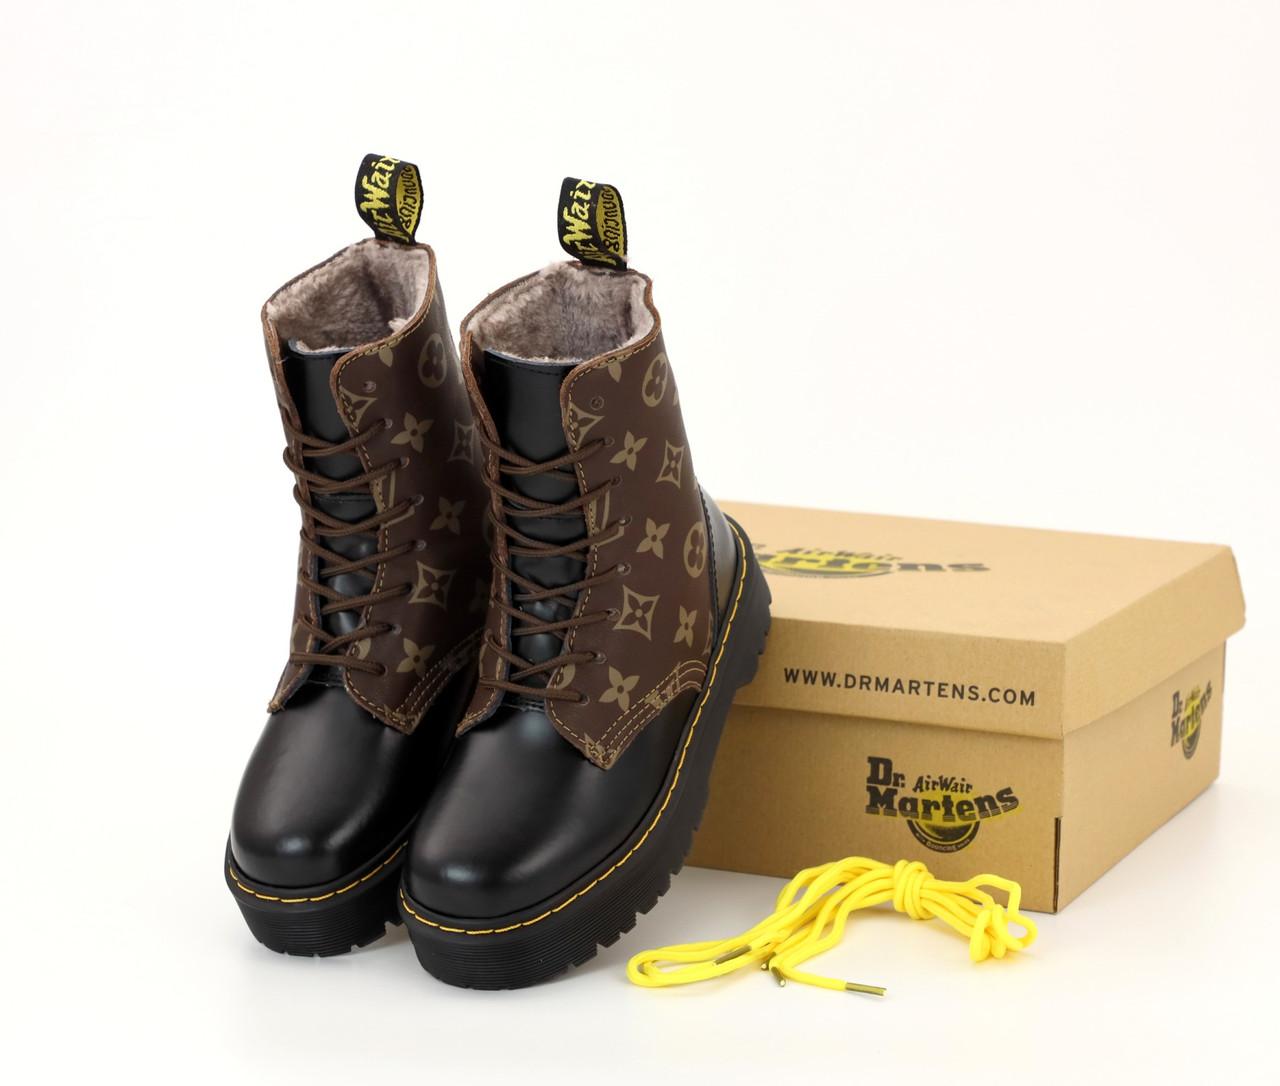 Зимние женские ботинки LV & Dr. Martens. ТОП Реплика ААА класса.